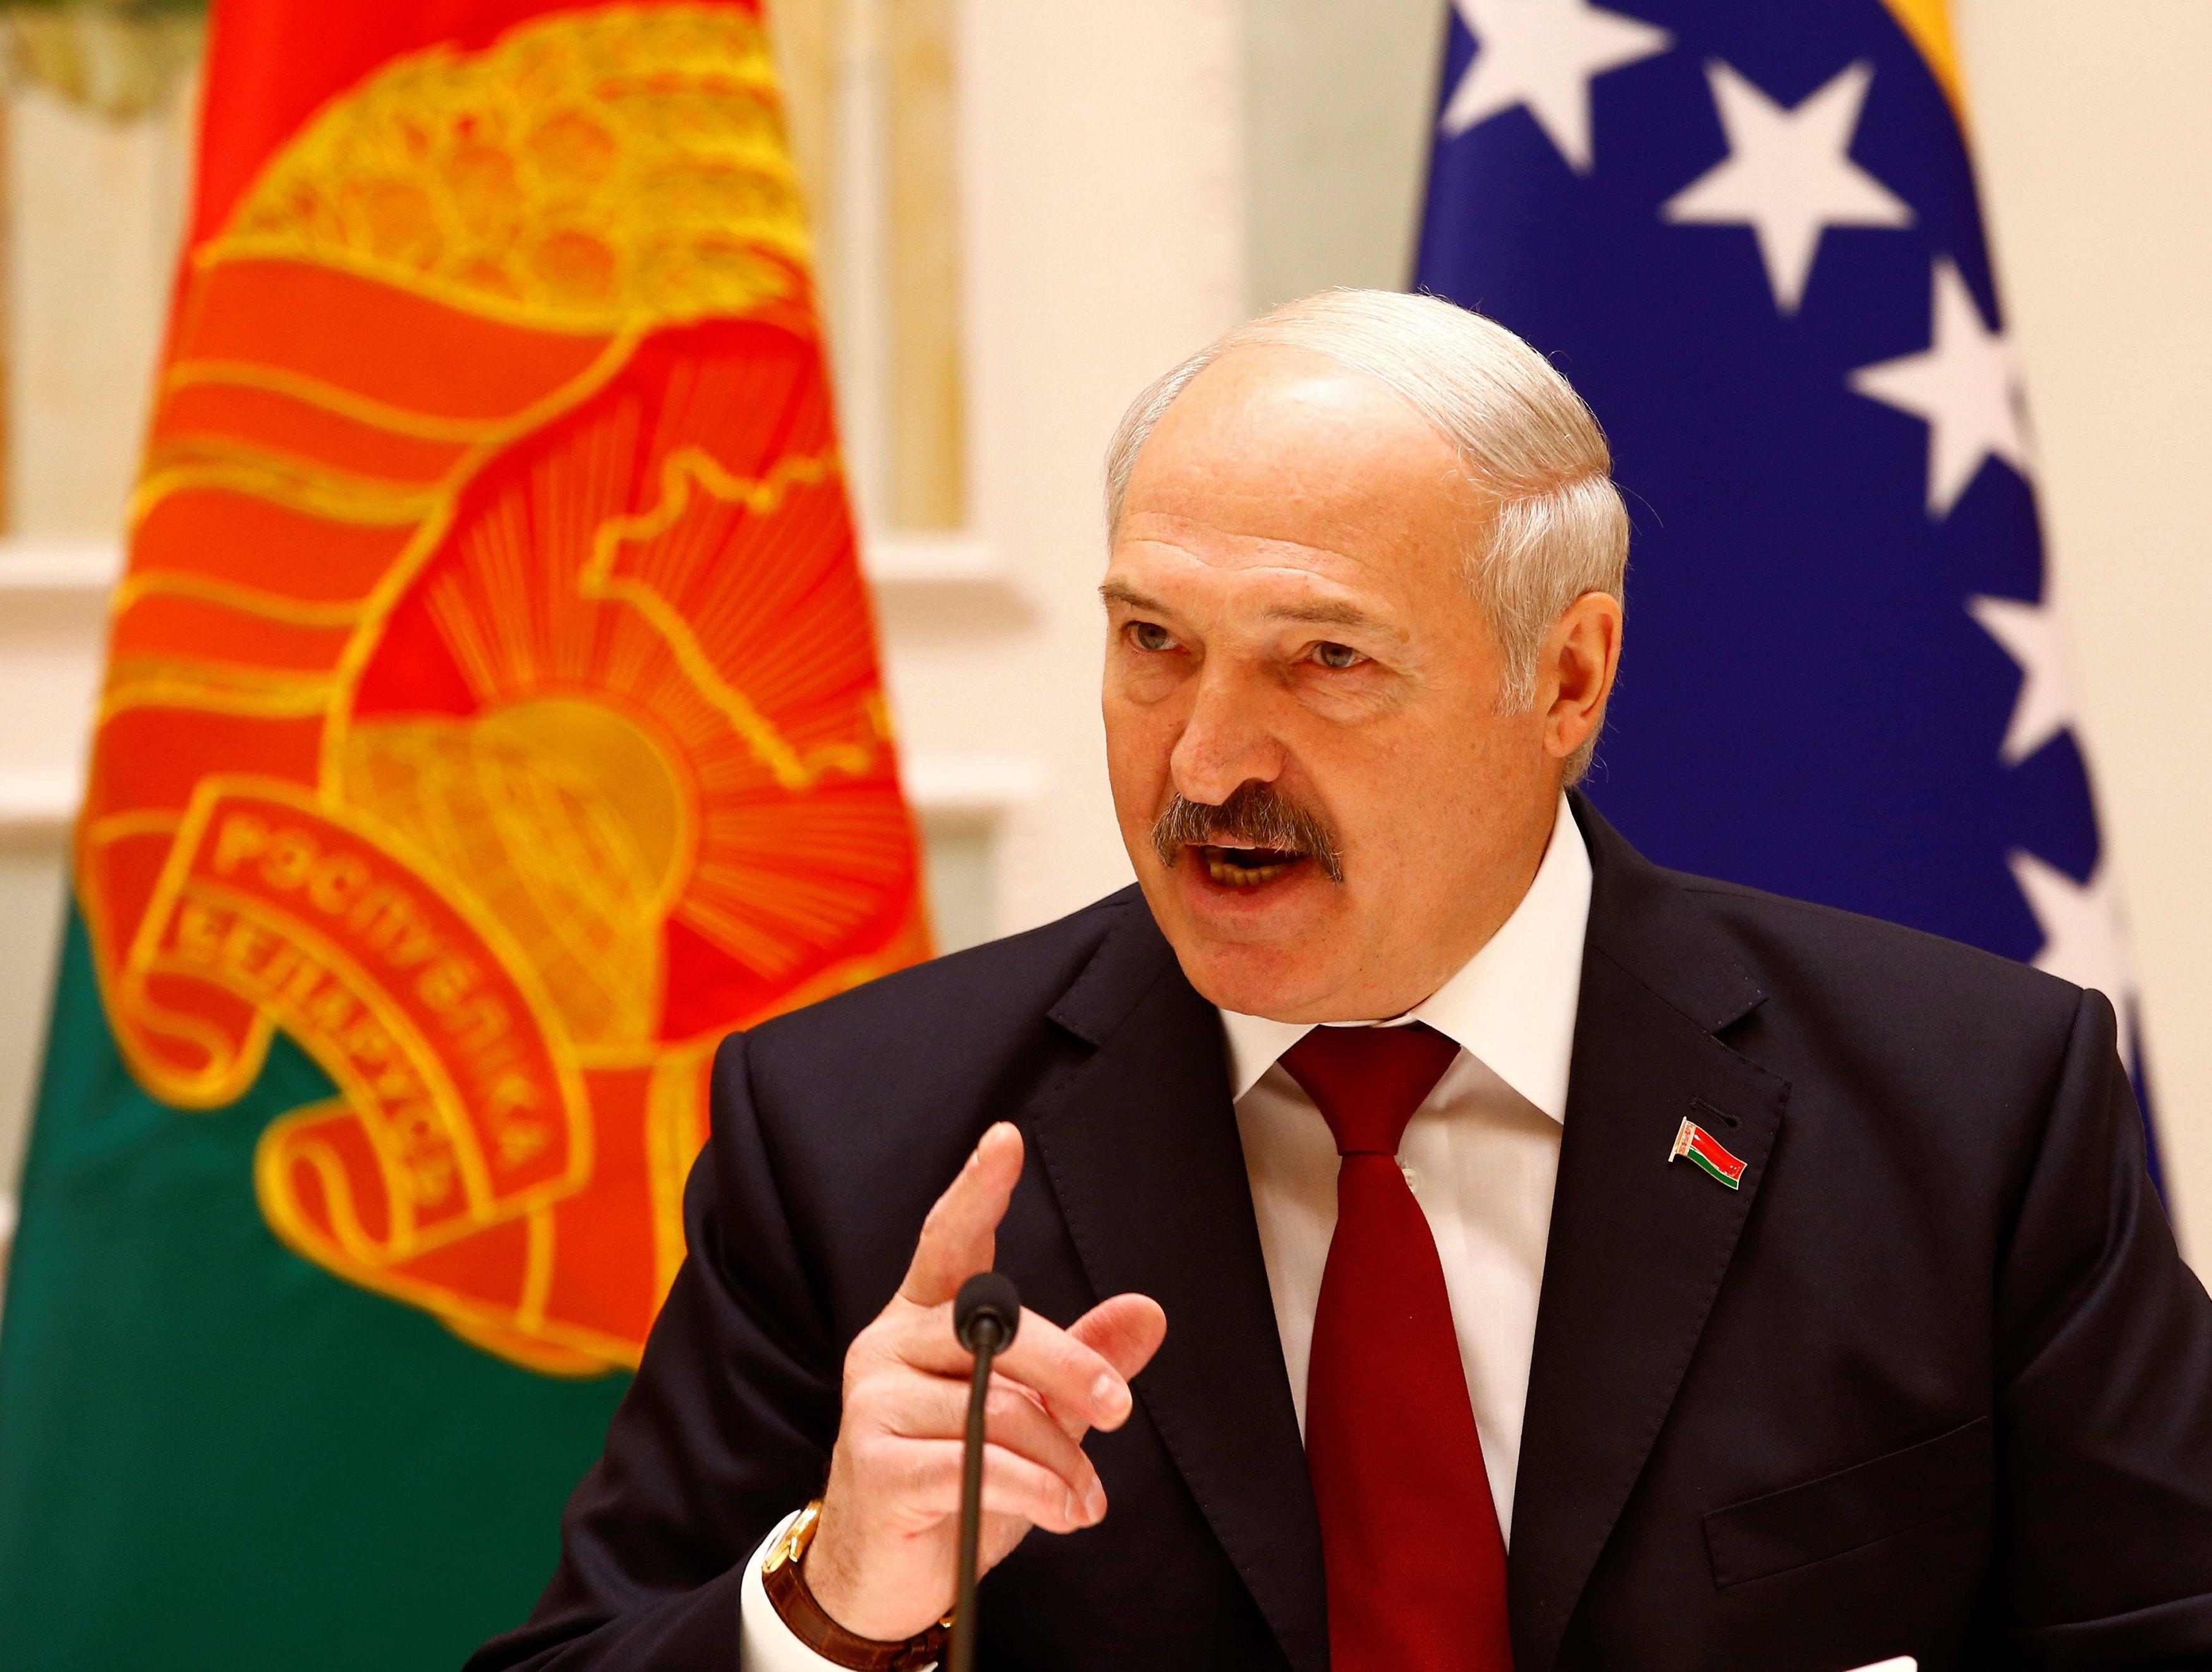 В Минске опровергли слухи об инсульте Лукашенко